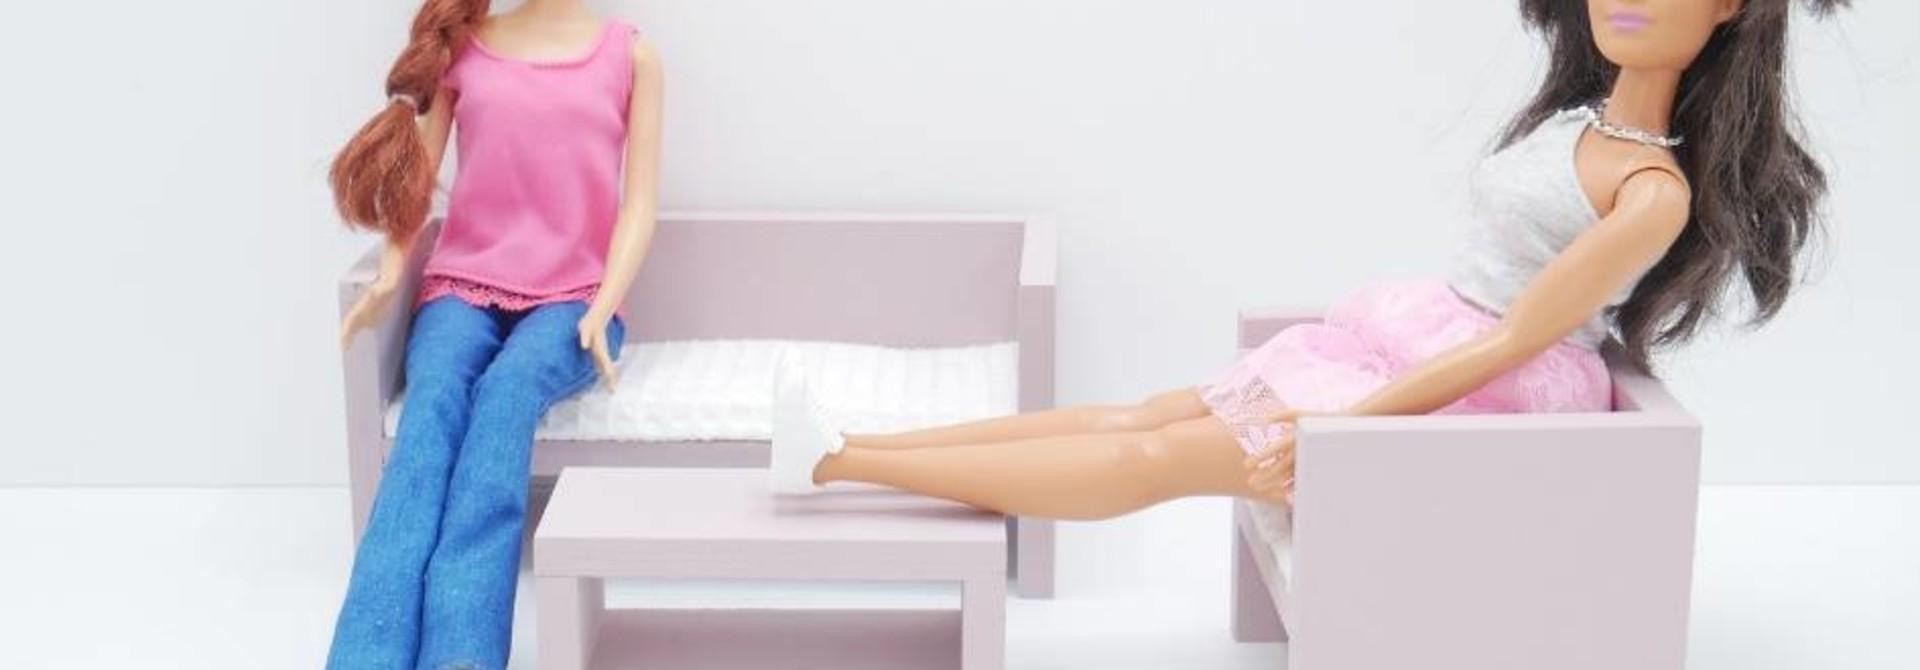 Barbie Zitkamer Oud Roze